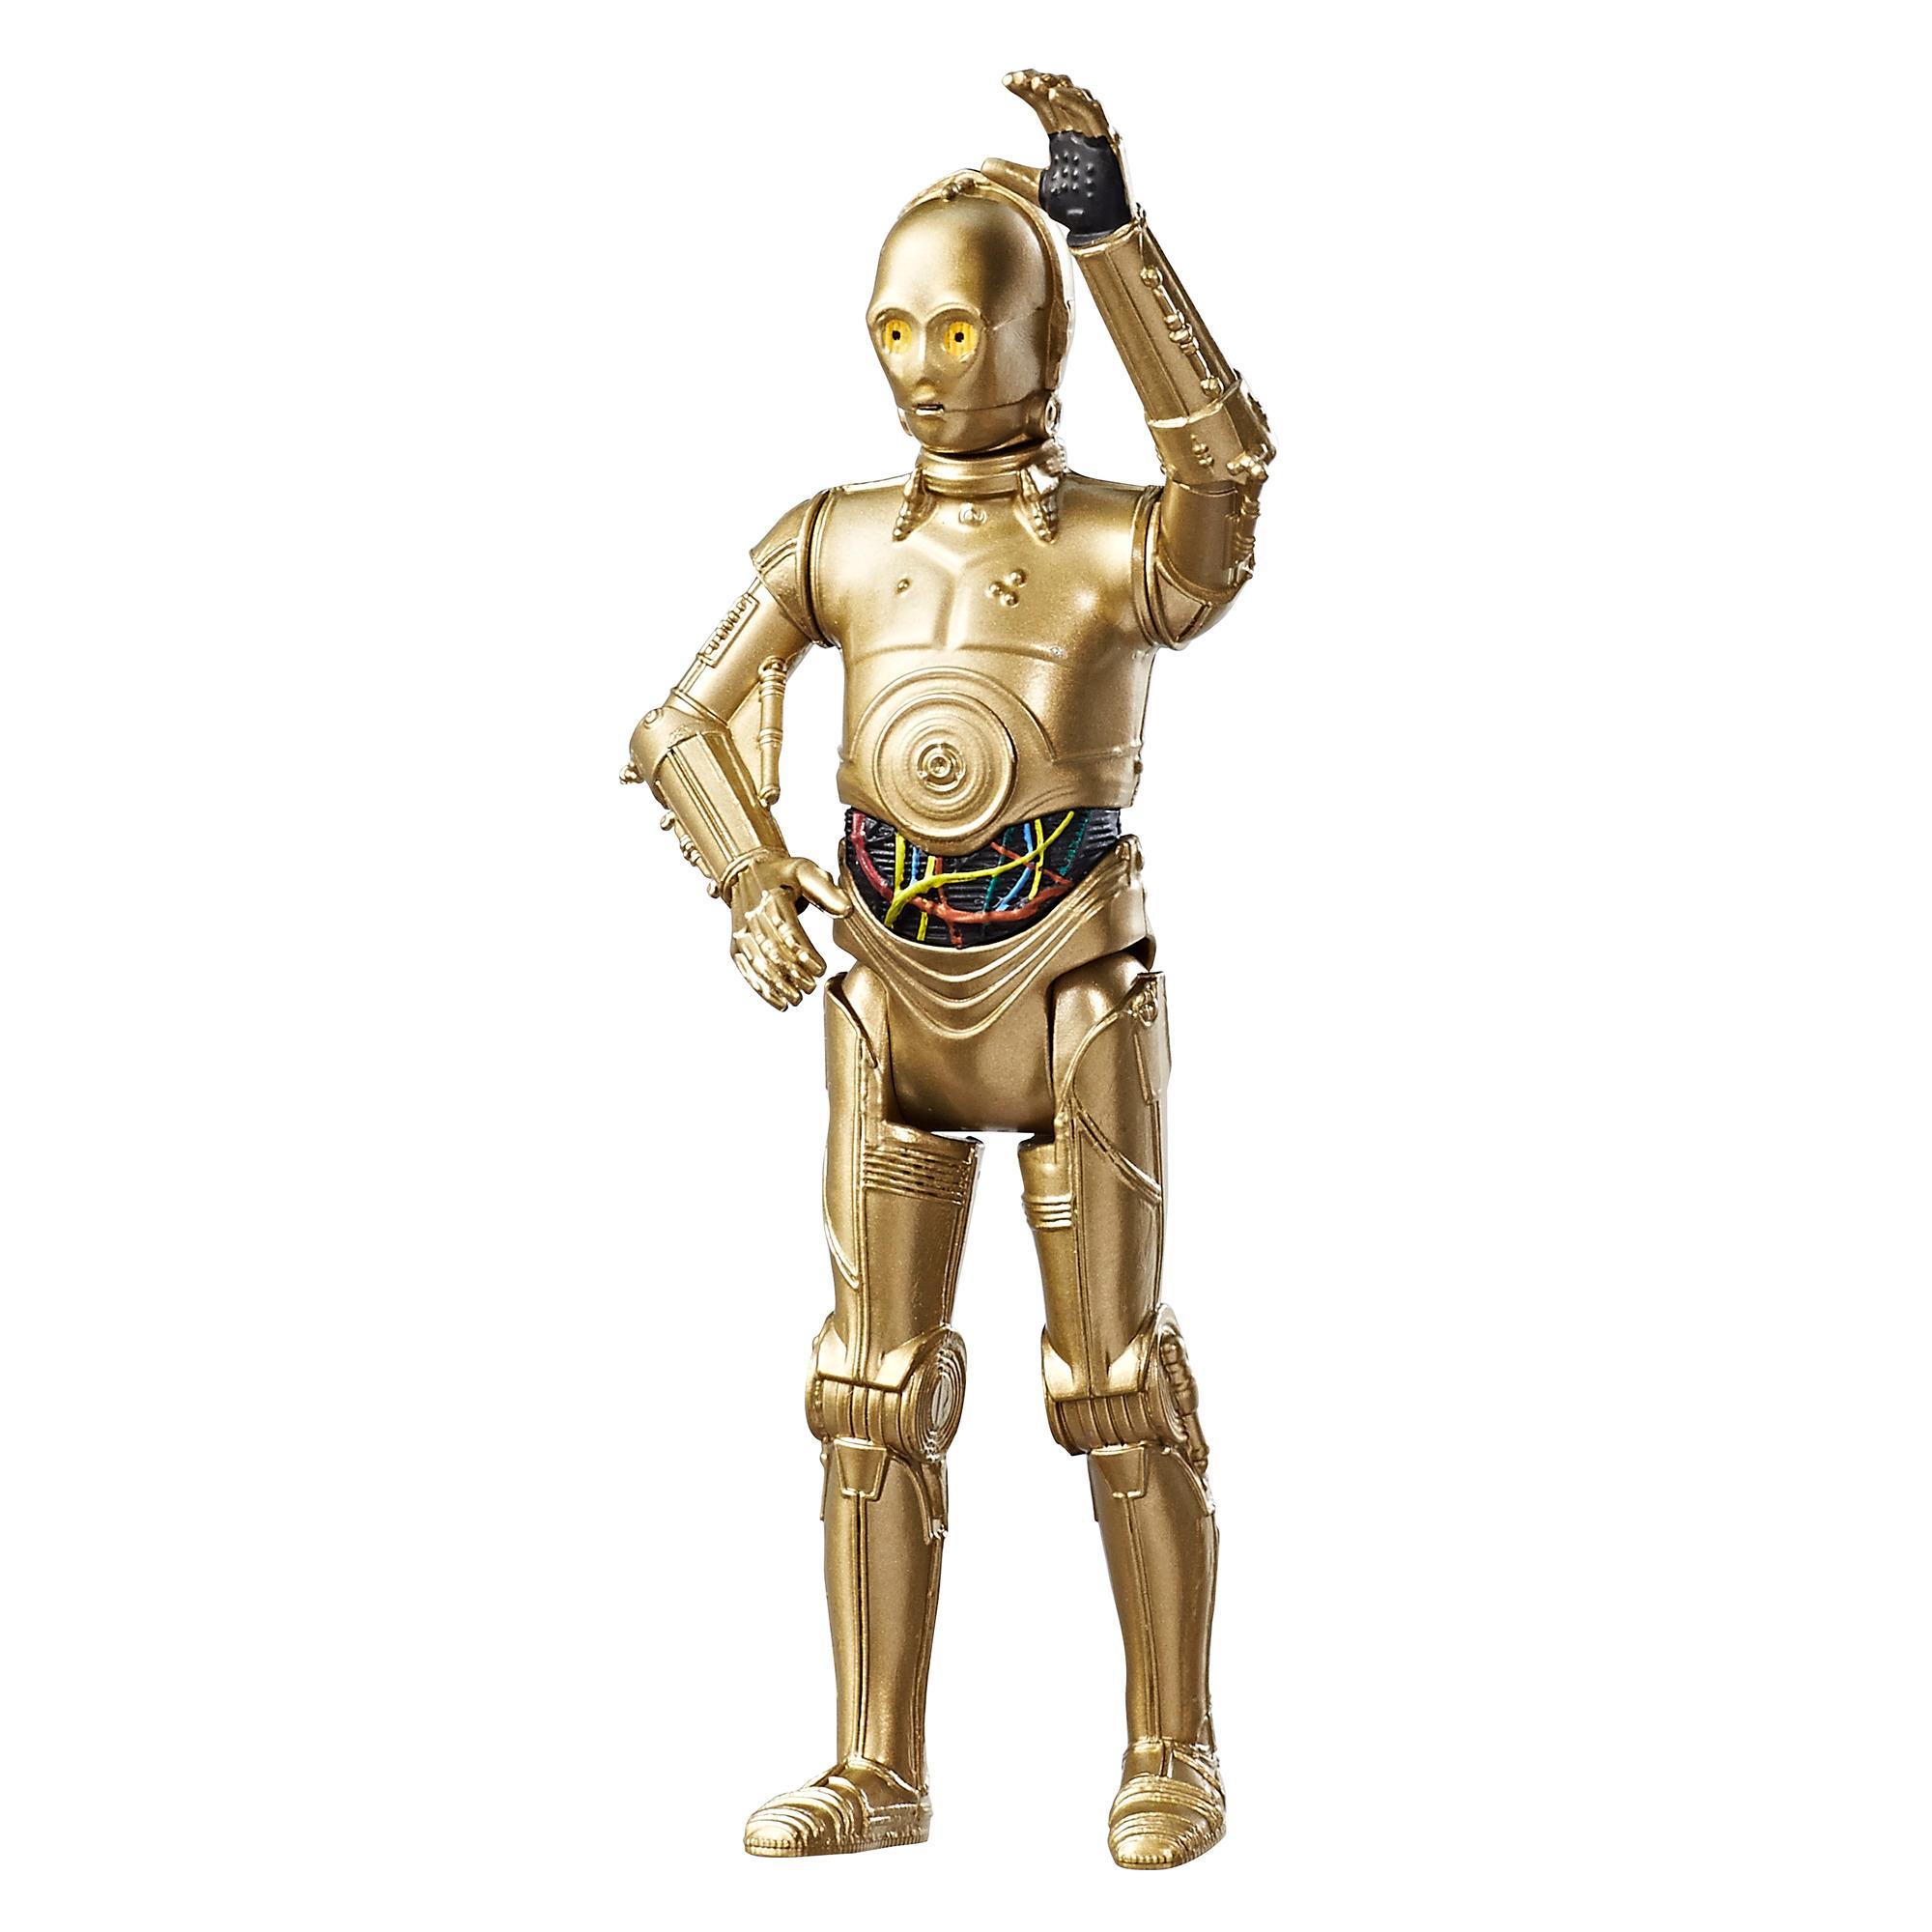 STAR WARS C-3PO FORCE LINK